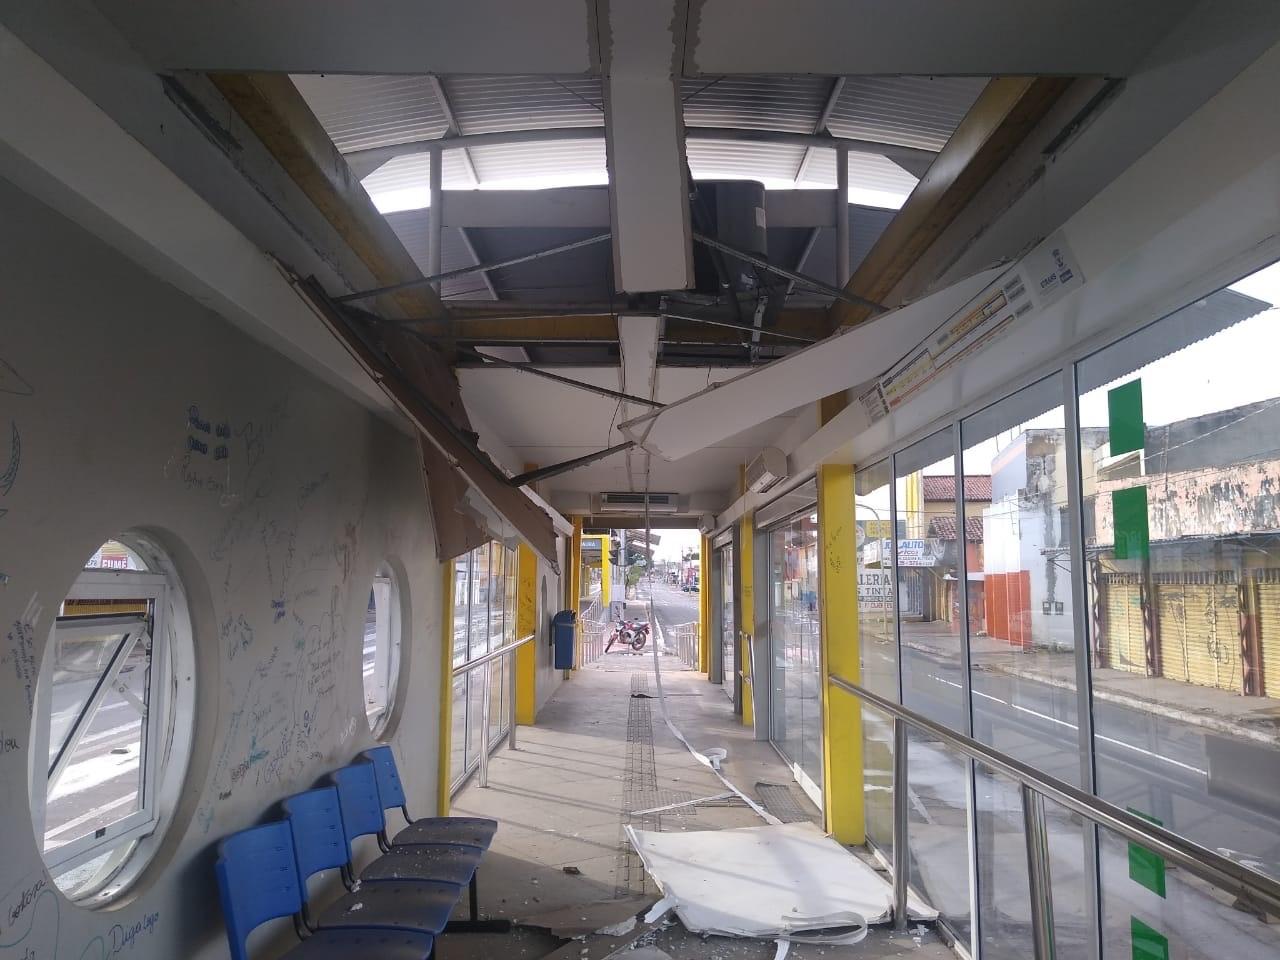 THE: Cinco estações de passageiros foram alvos de furtos nesta semana - Imagem 1